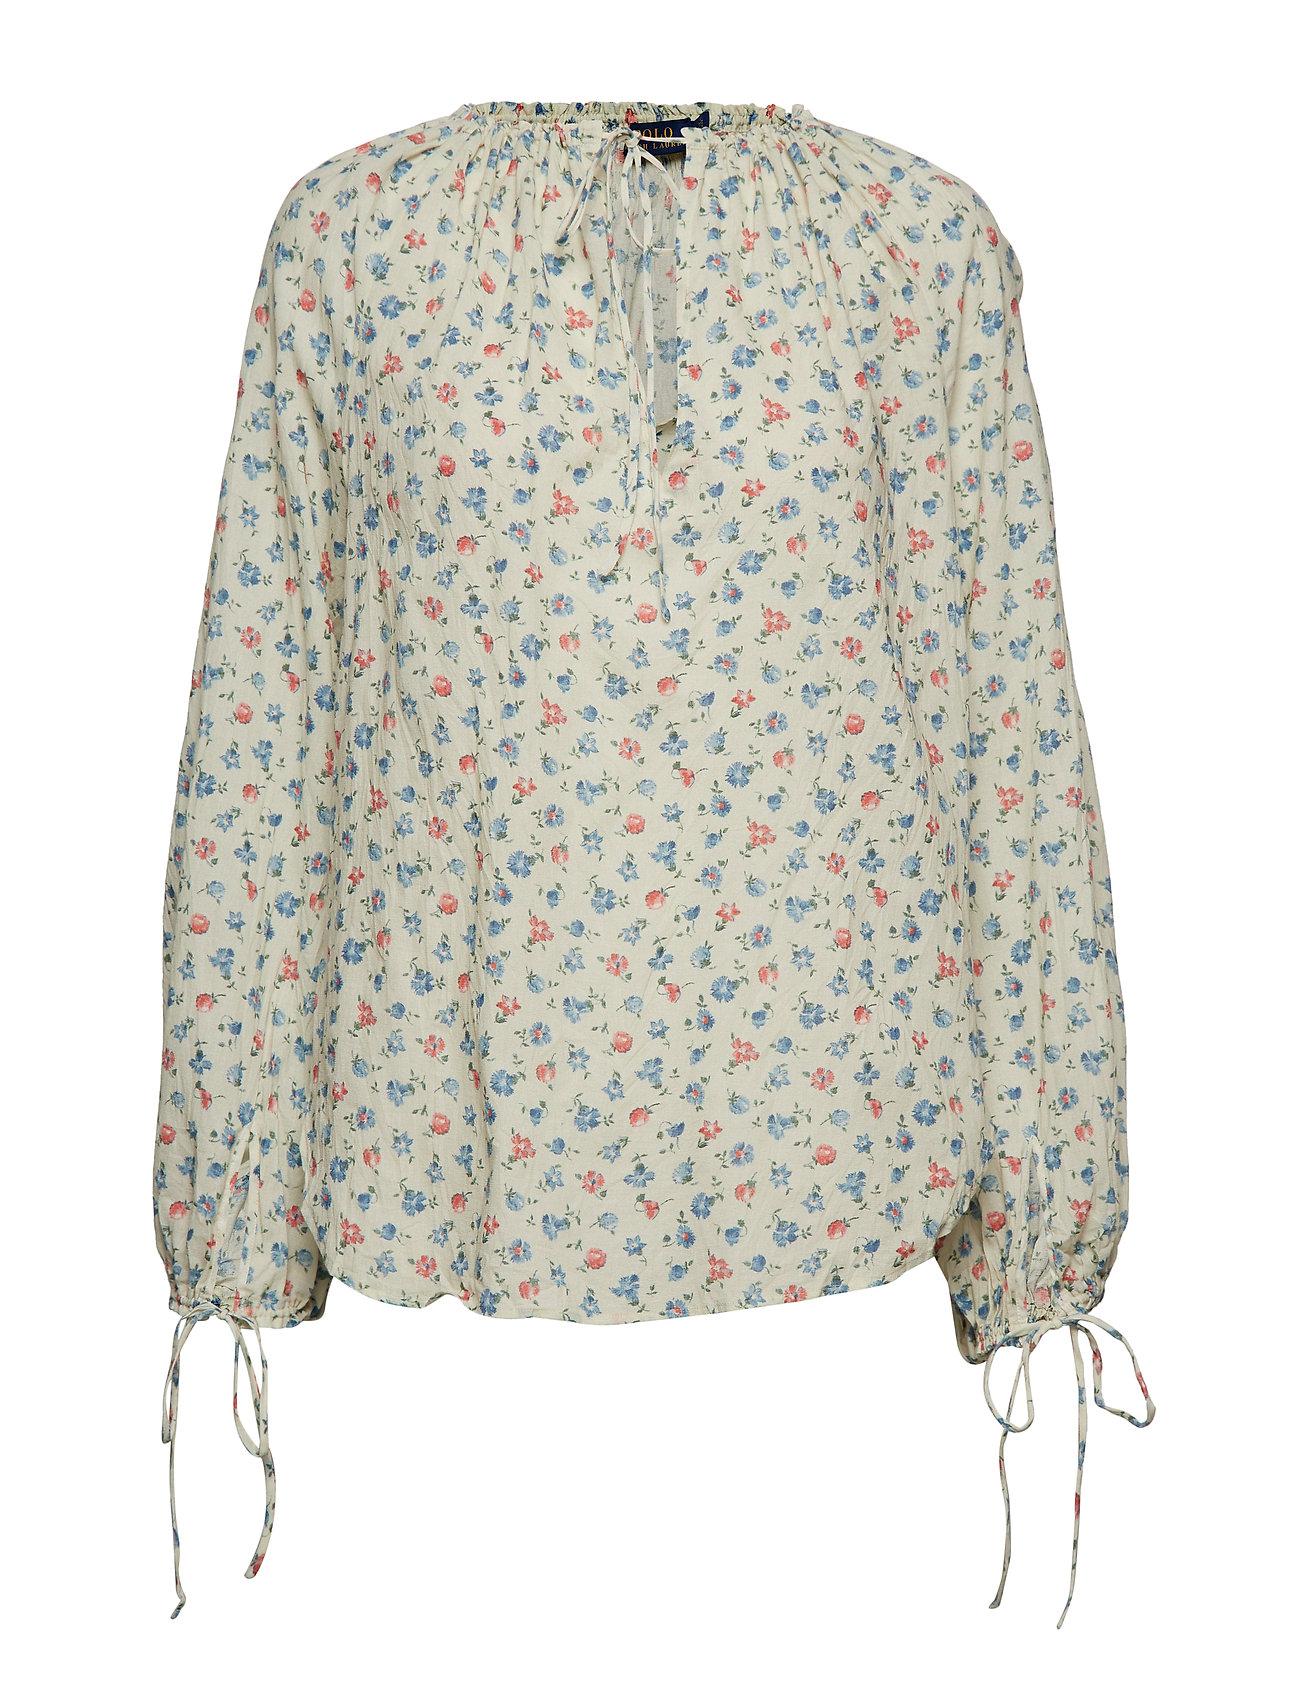 Polo Ralph Lauren Floral Cotton Top